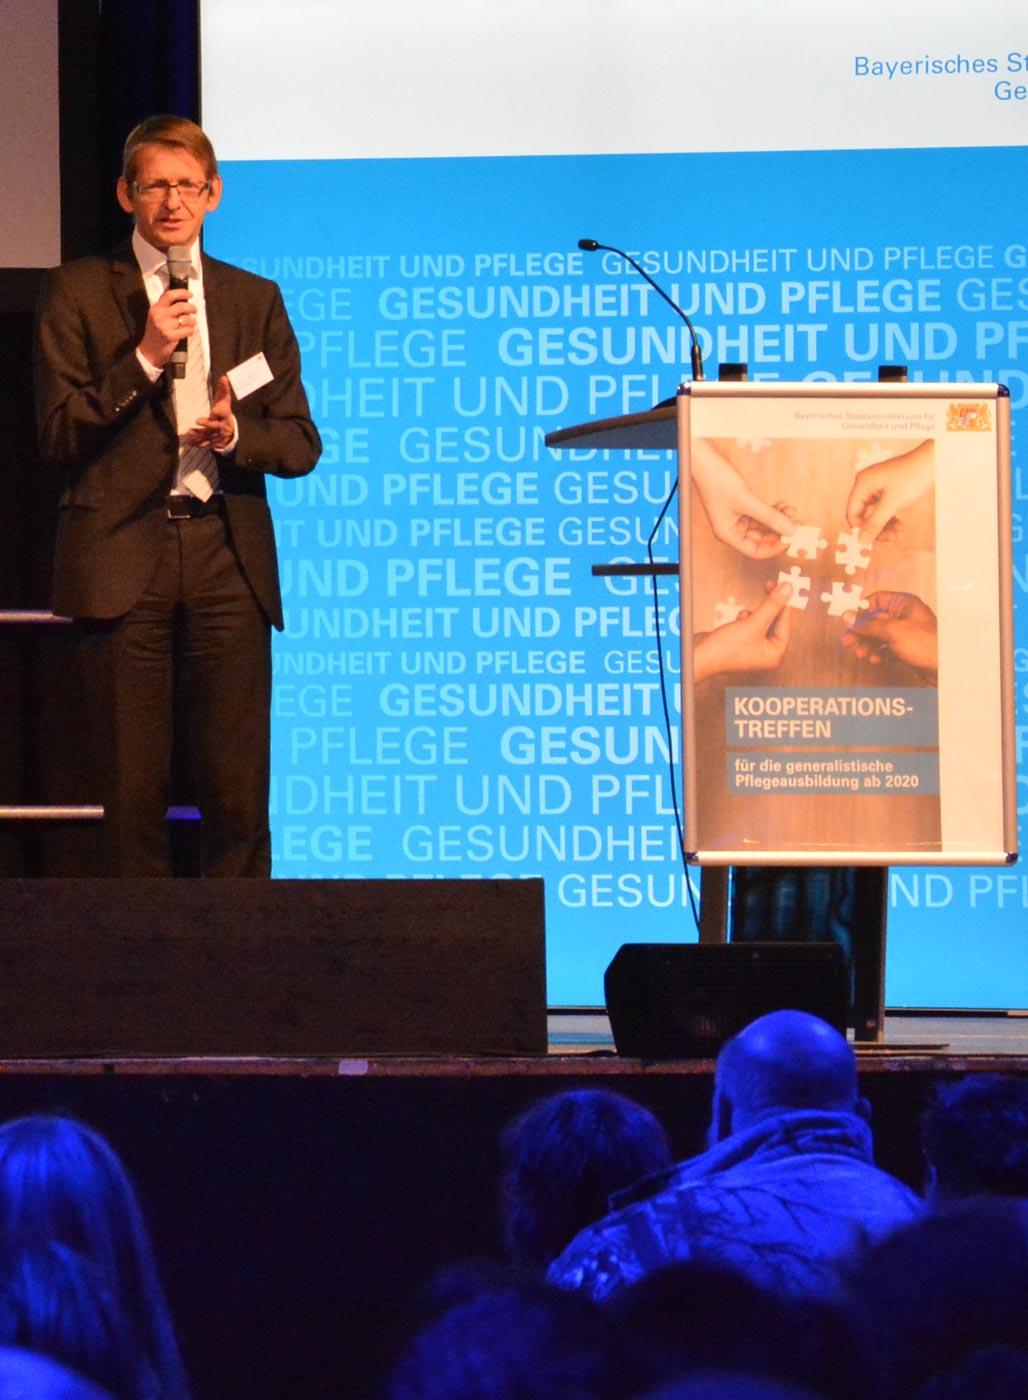 Kooperationstreffen 2019 in München, Dr. Bernhard Opolony